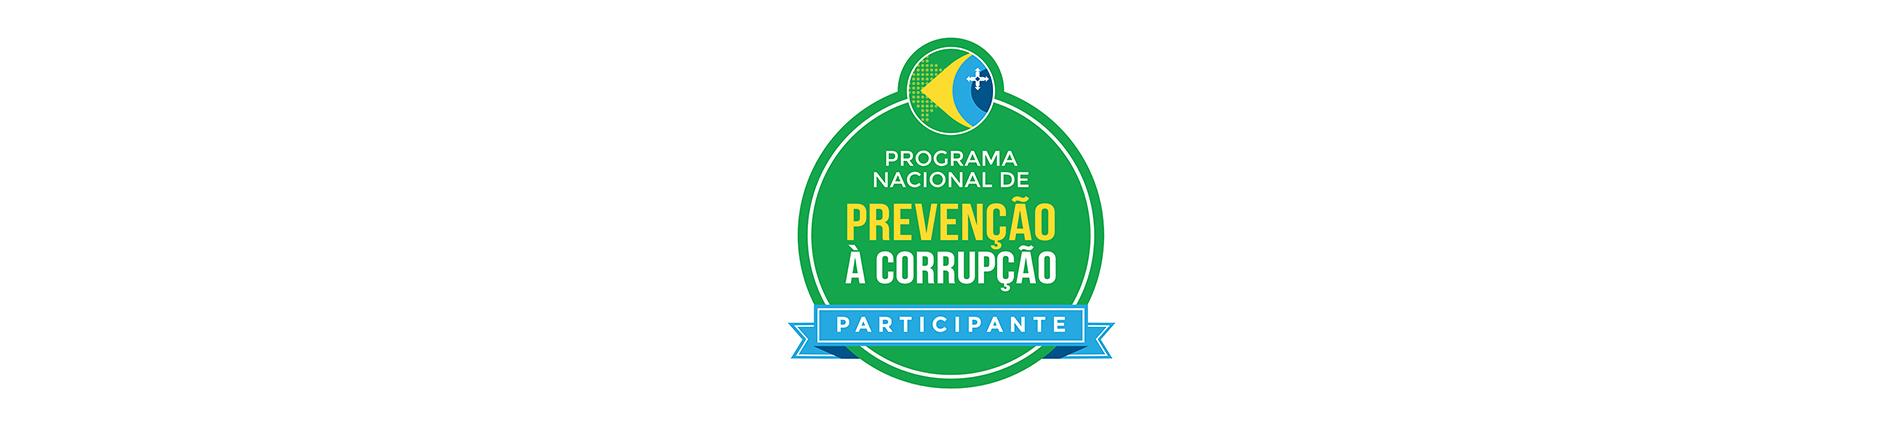 e-prevenção